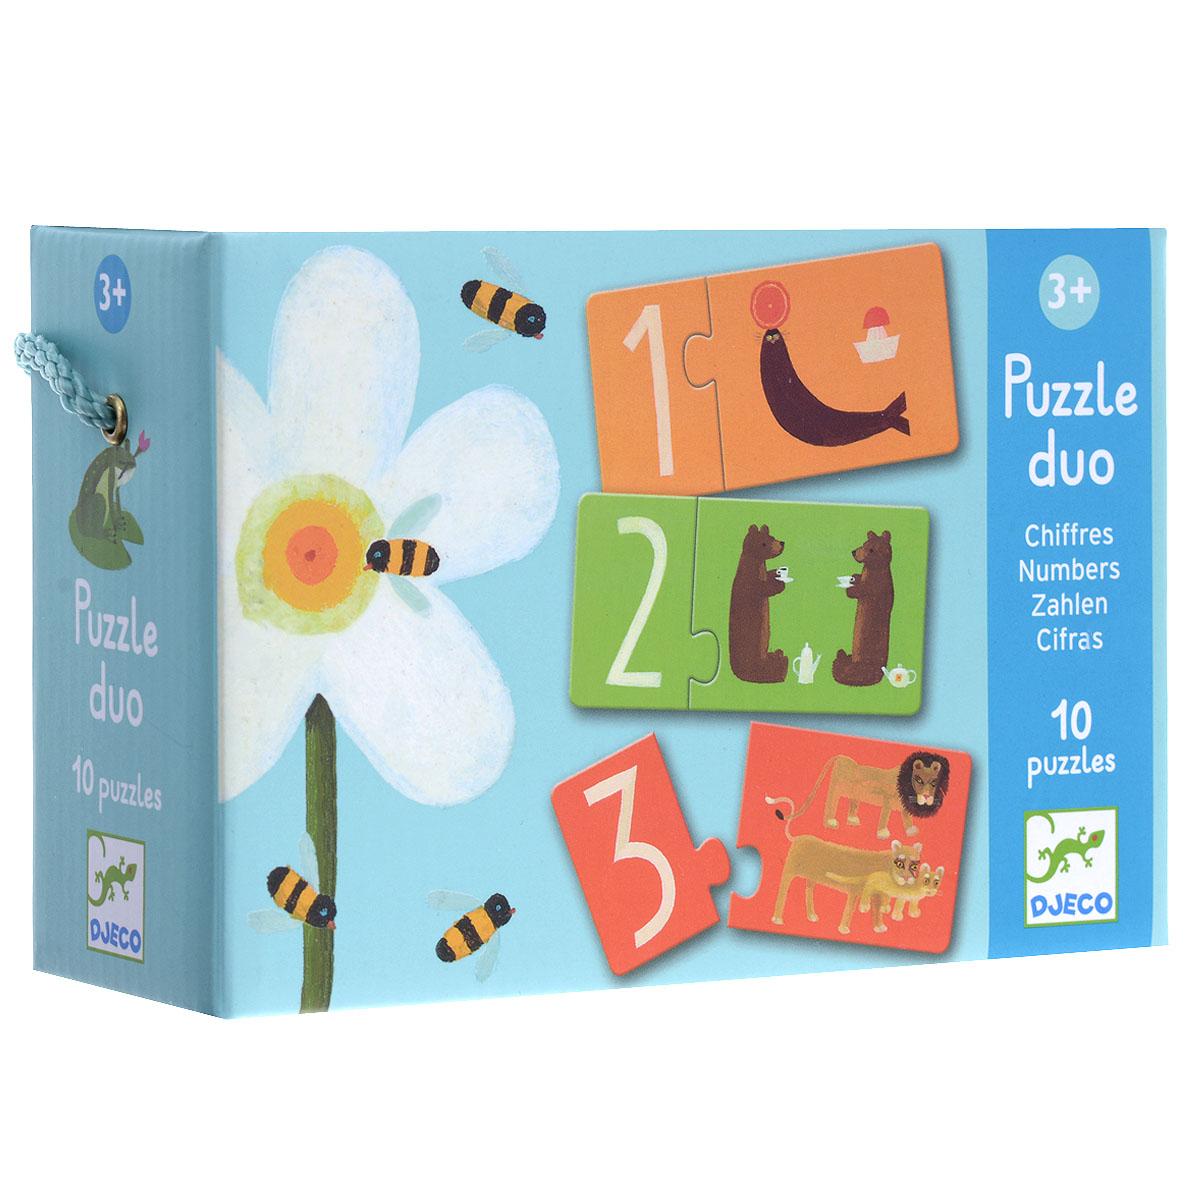 Djeco Обучающая игра Цифры08151Обучающая игра Djeco Пары - игра-пазл, которая поможет малышу освоить навыки счета. Ребенку необходимо подобрать к небольшой карточке с цифрой карточку побольше с изображением животных, количество которых соответствует цифре на его карточке. После этого ребенок соединяет их вместе. В комплект игры входят 10 пар красочных карточек, выполненных из плотного картона. Игра развивает моторику пальчиков рук, воображение. Малыш познакомится с чудесным миром природы и в игровой форме выучит цифры от 1 до 10.